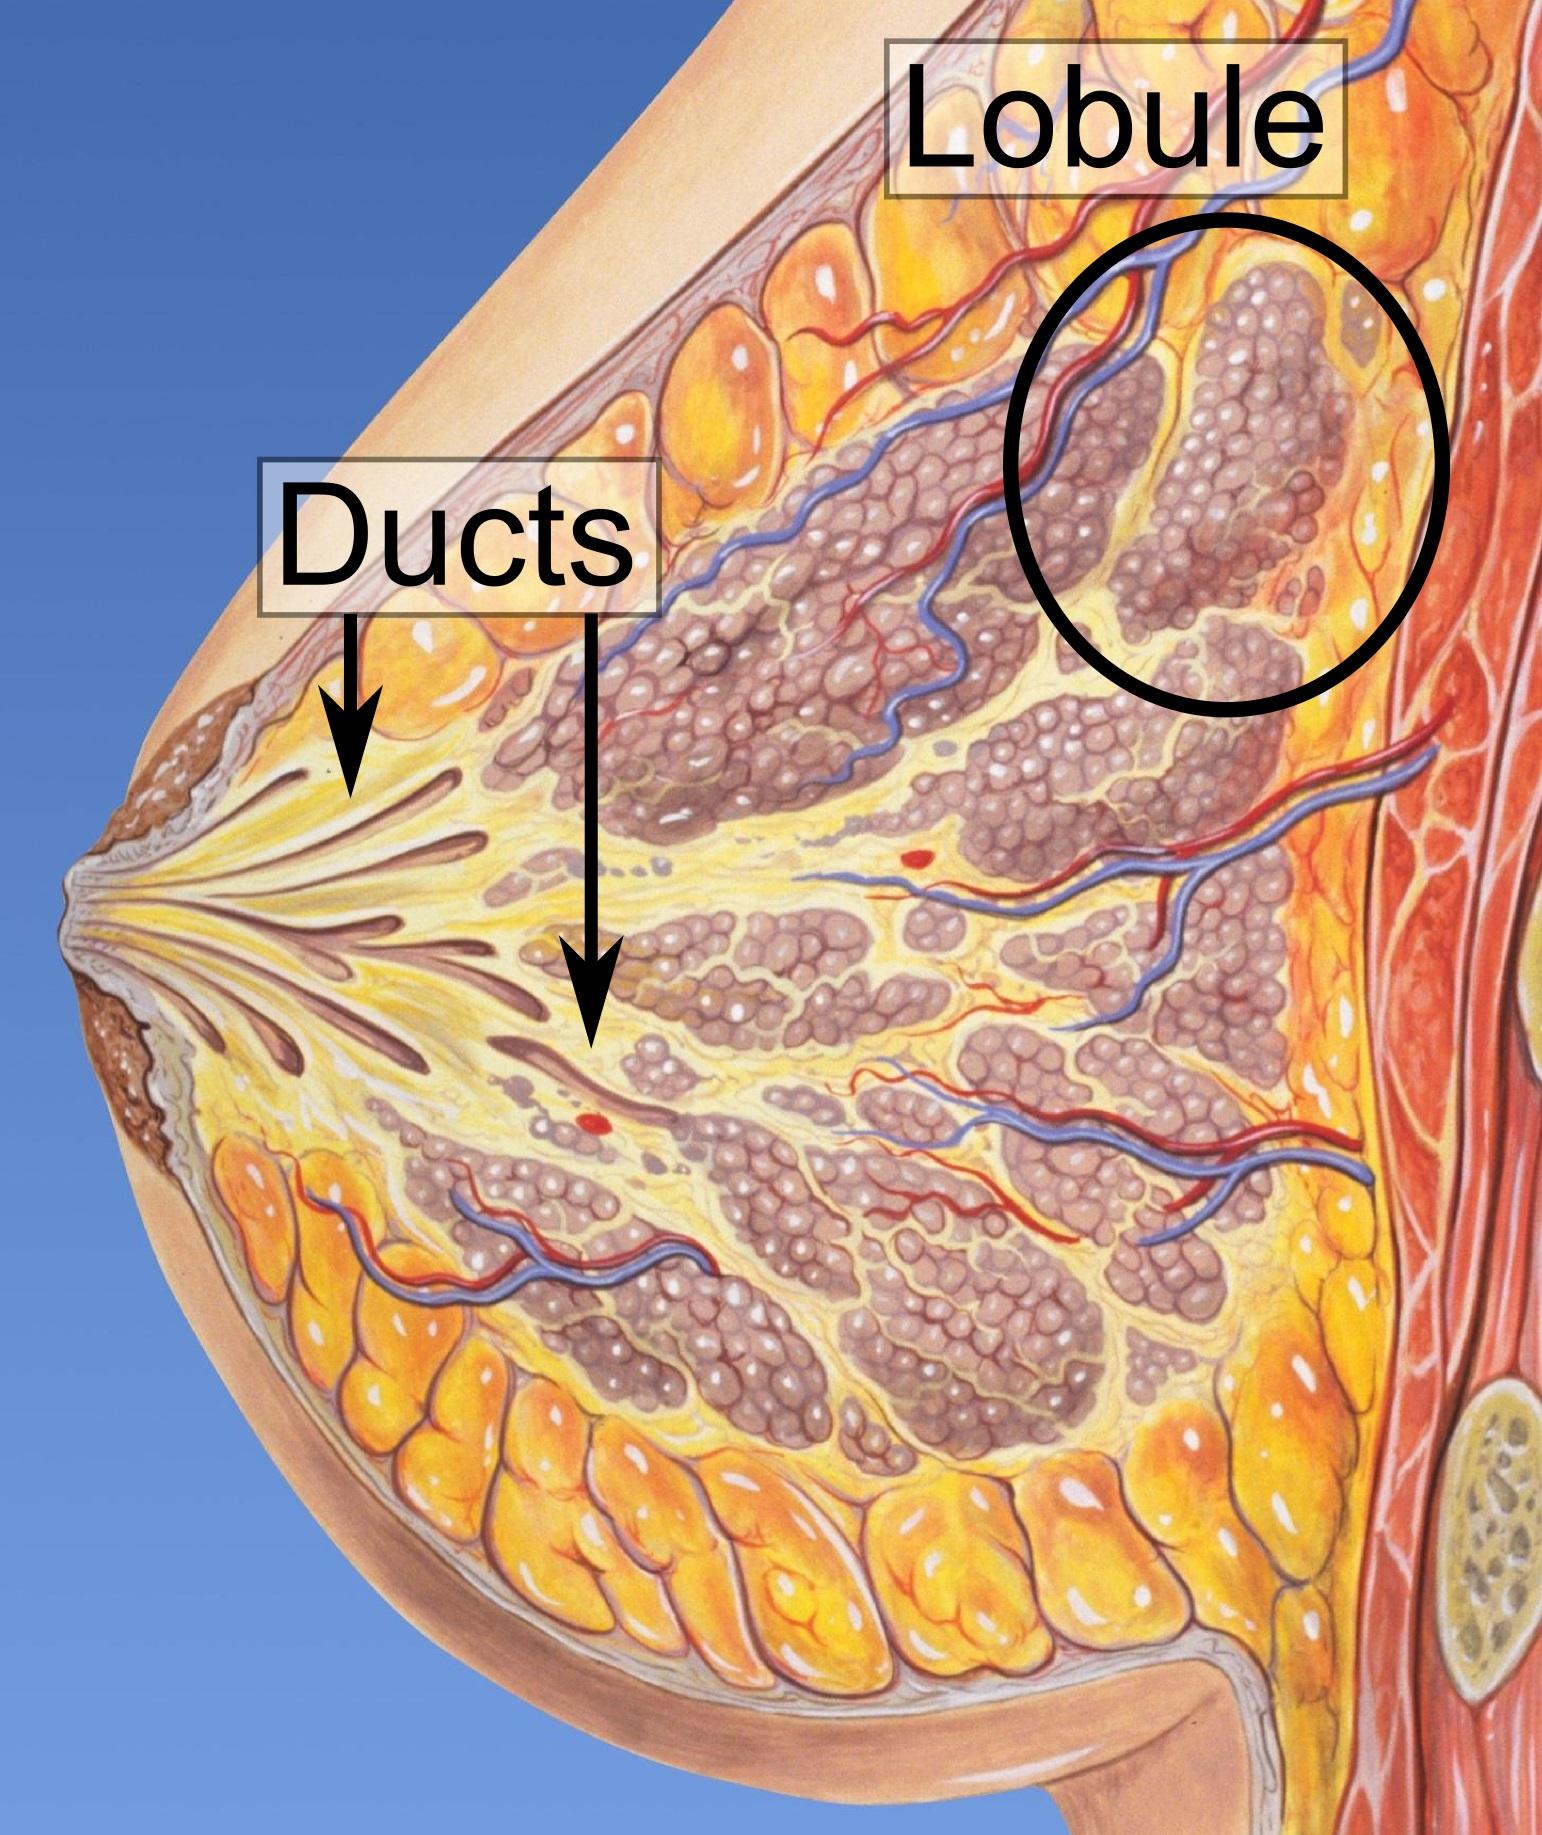 intraductal papilloma left untreated virus del papiloma humano consecuencias y tratamiento